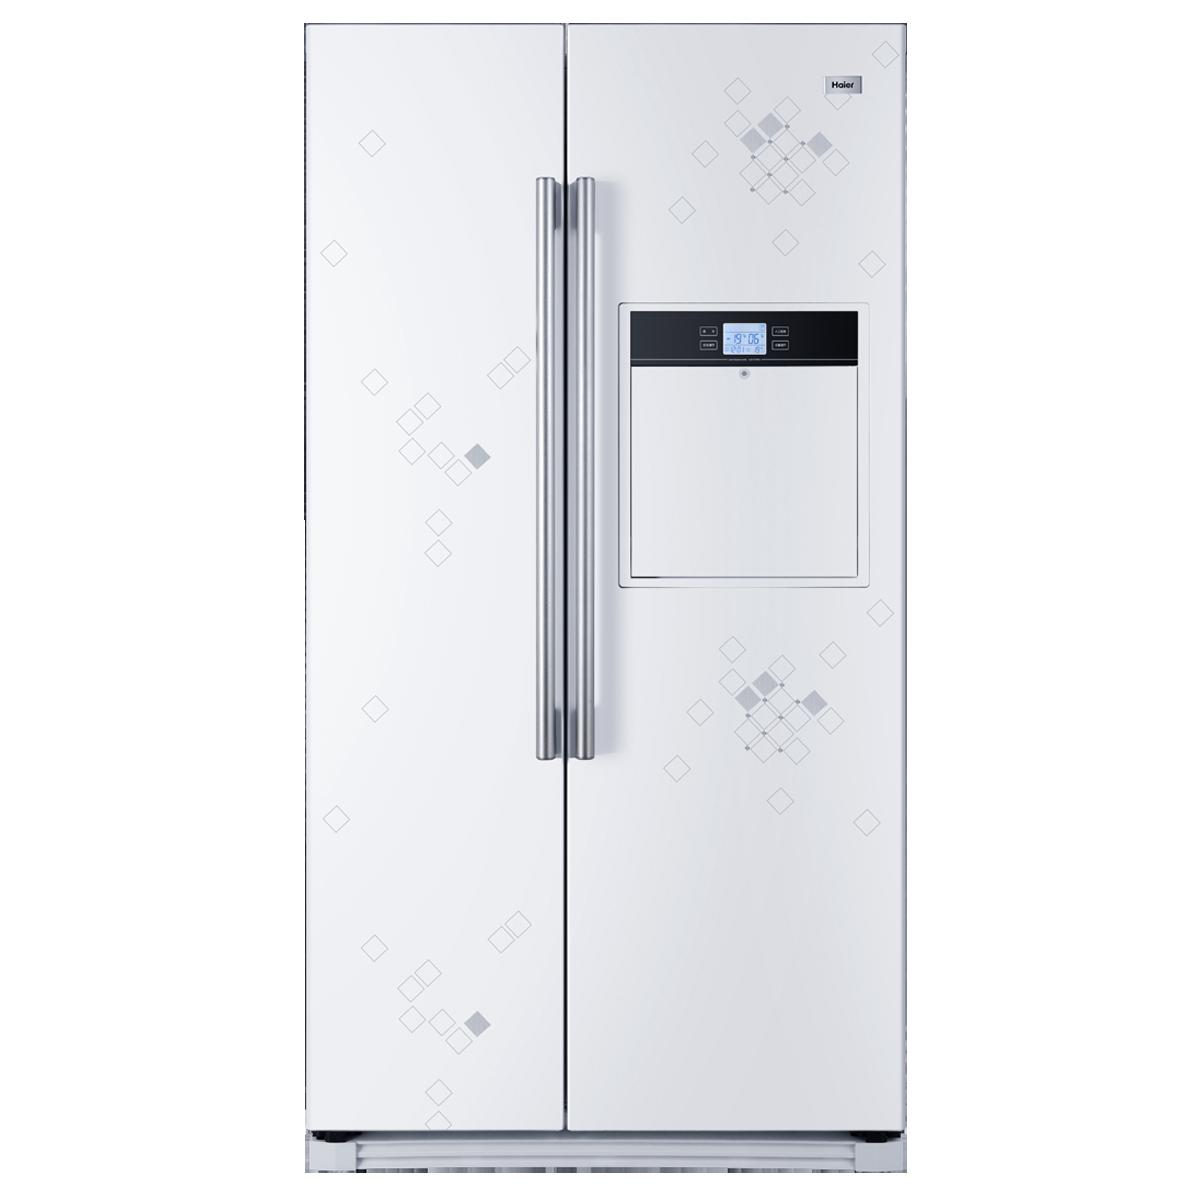 海尔Haier冰箱 BCD-602WBGM 说明书